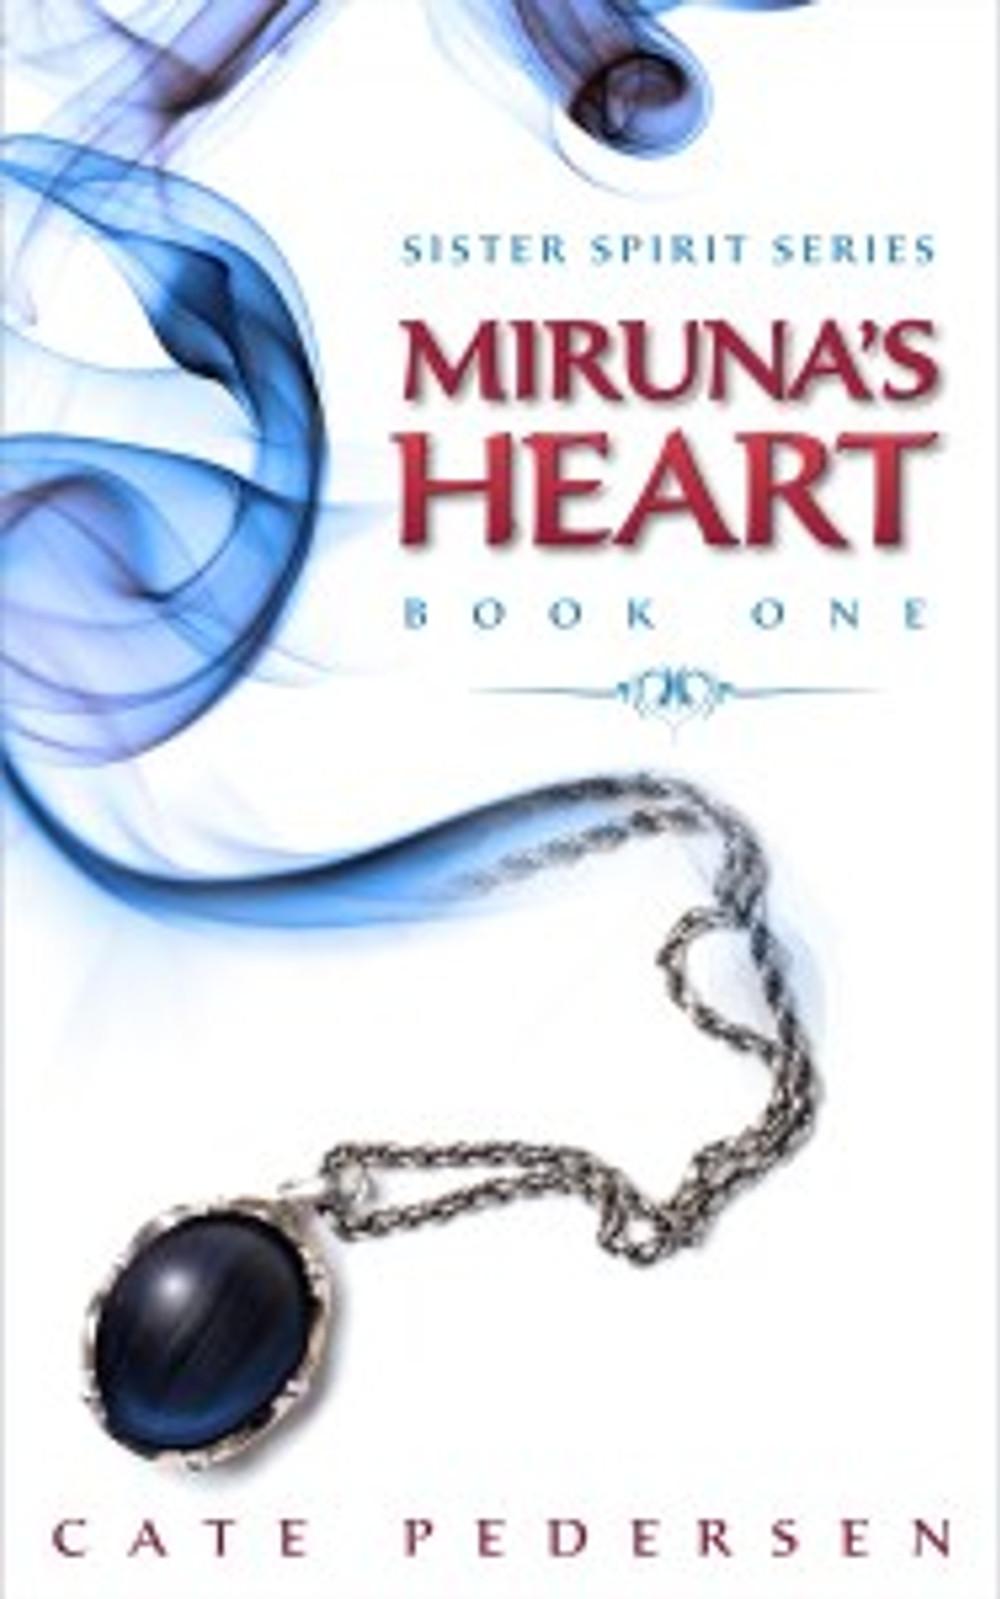 Book1_Mirunasheart_Amazon (2)